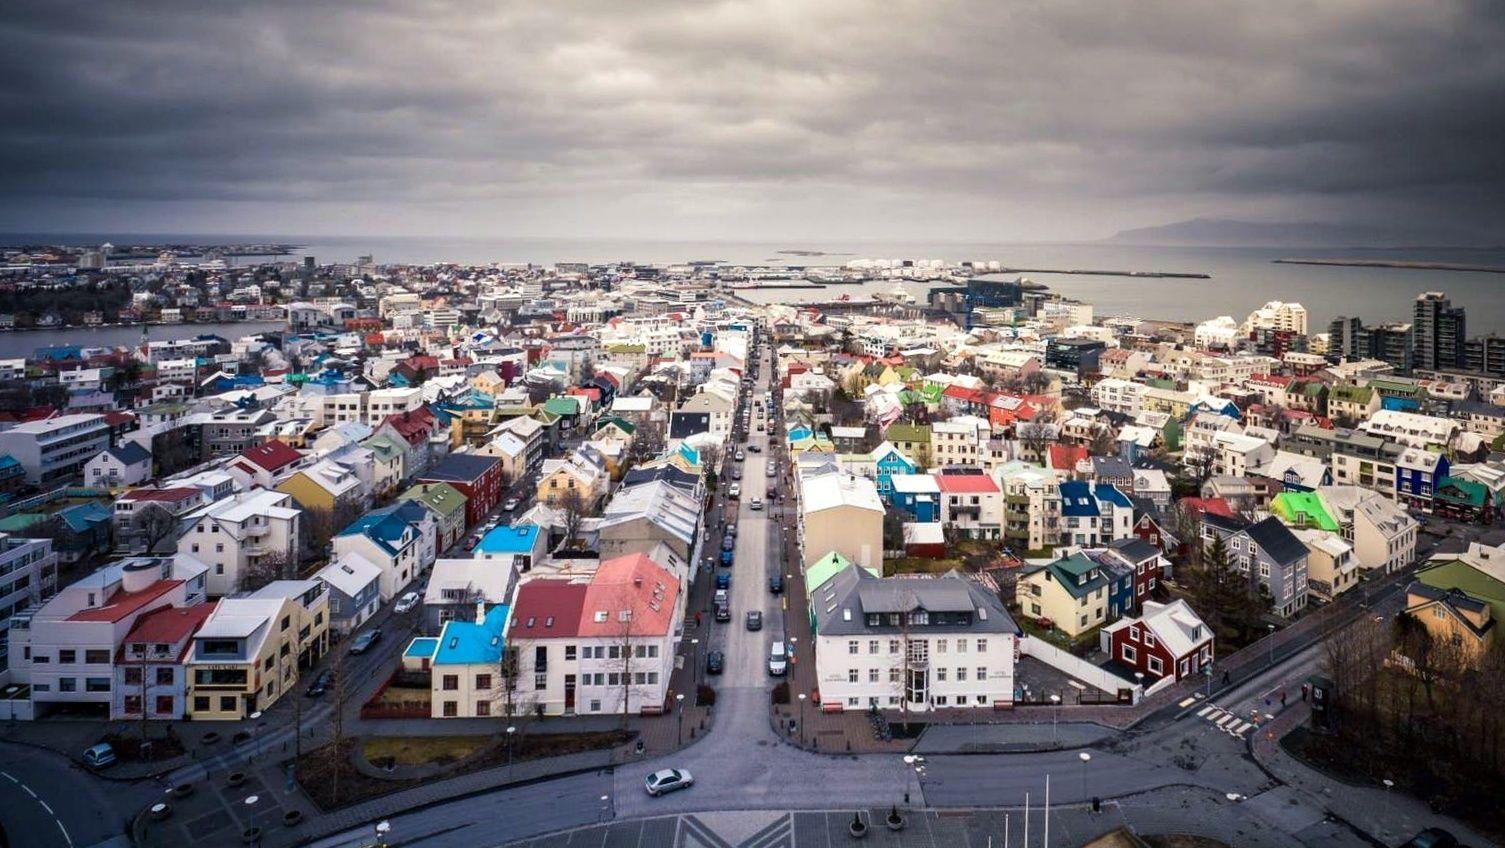 Overview of Reykjavík